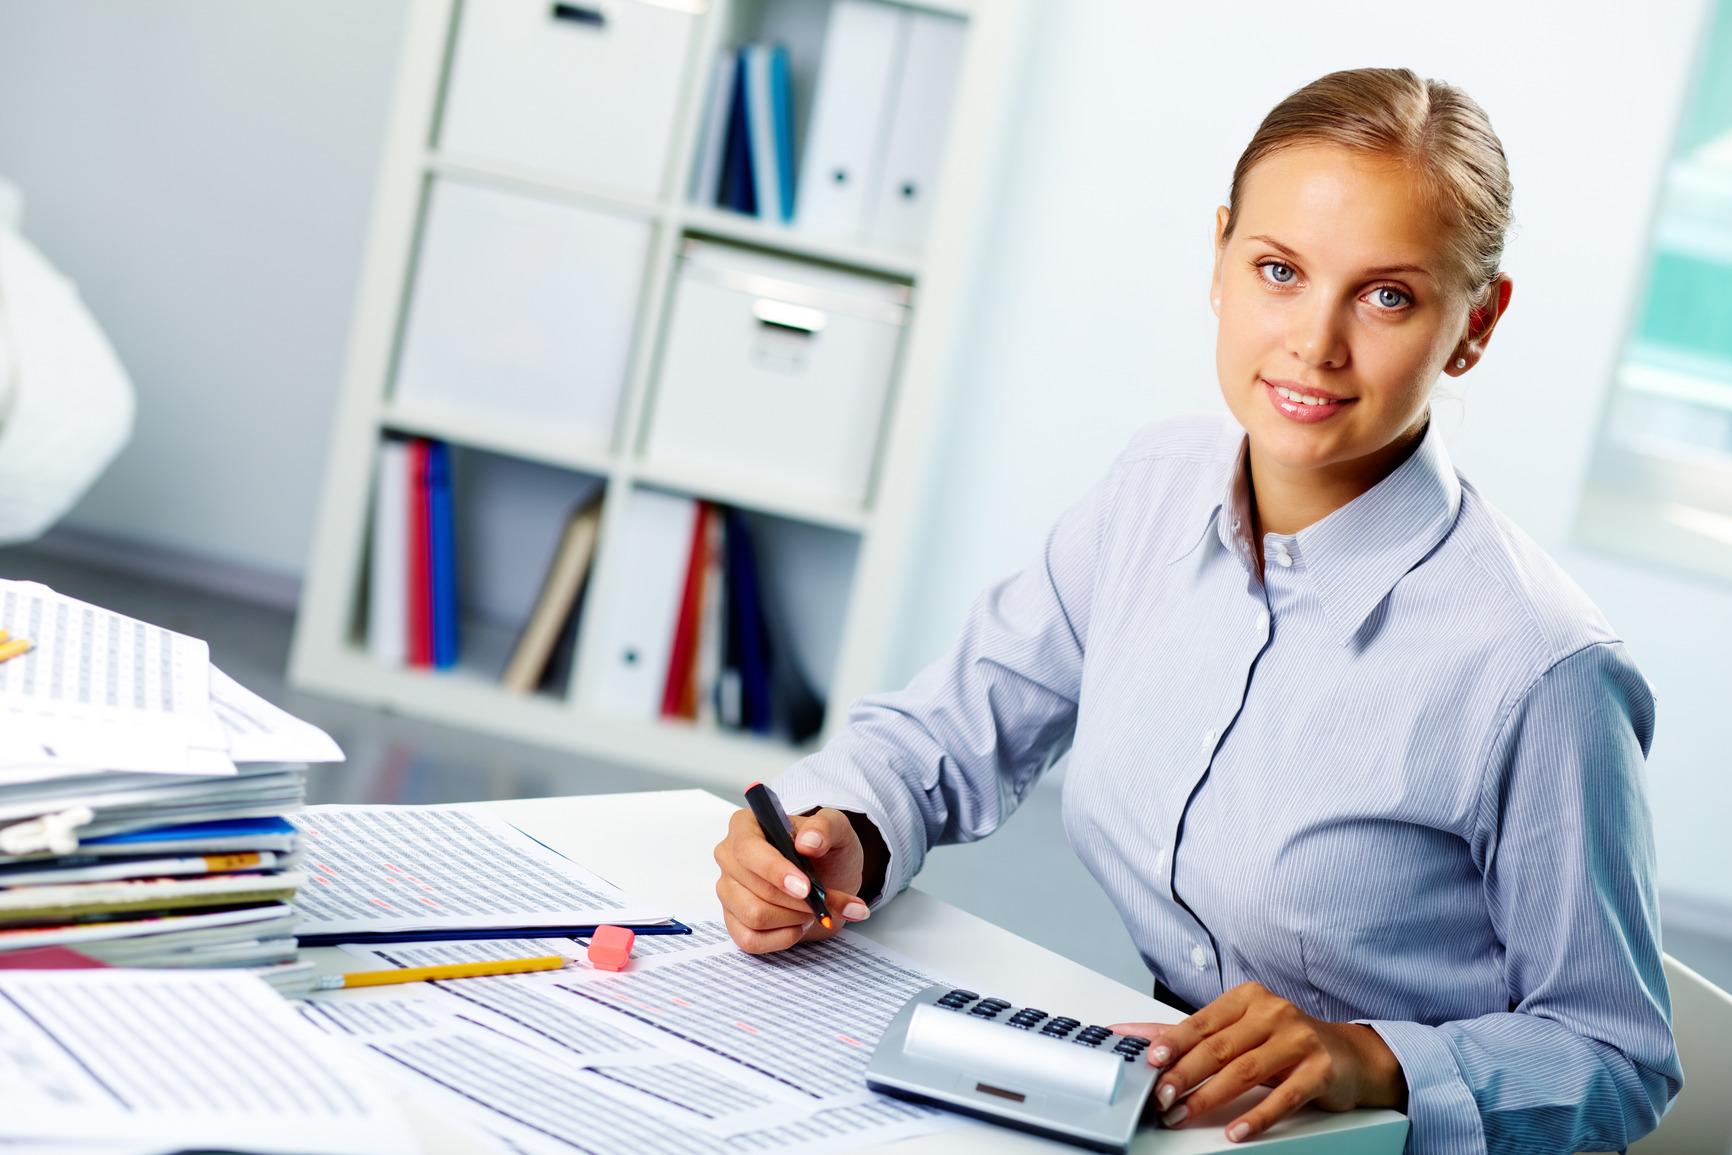 Бесплатные курсы по бухгалтерии для начинающих